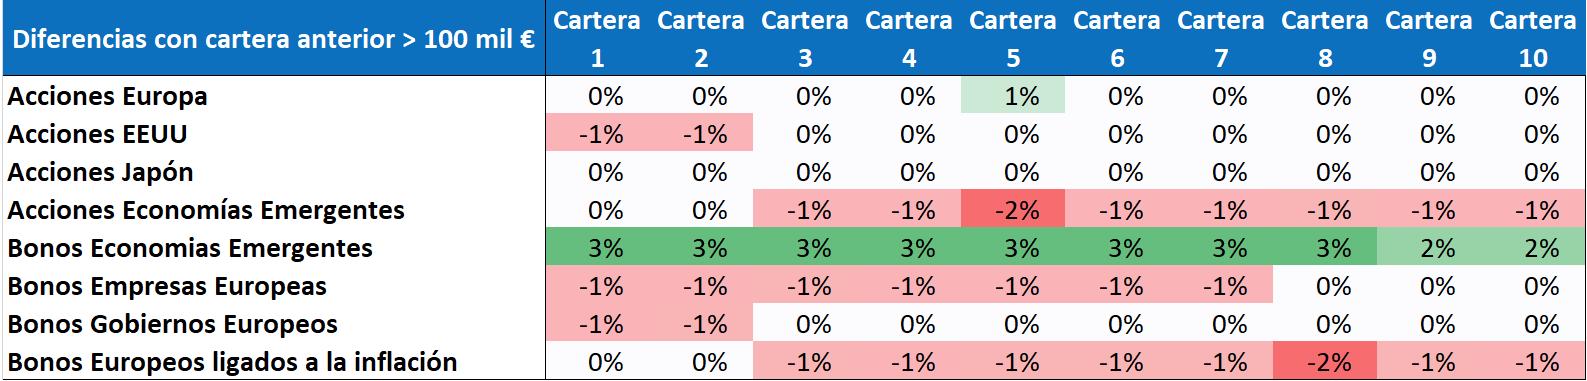 perfiles carteras indexa capital cambios